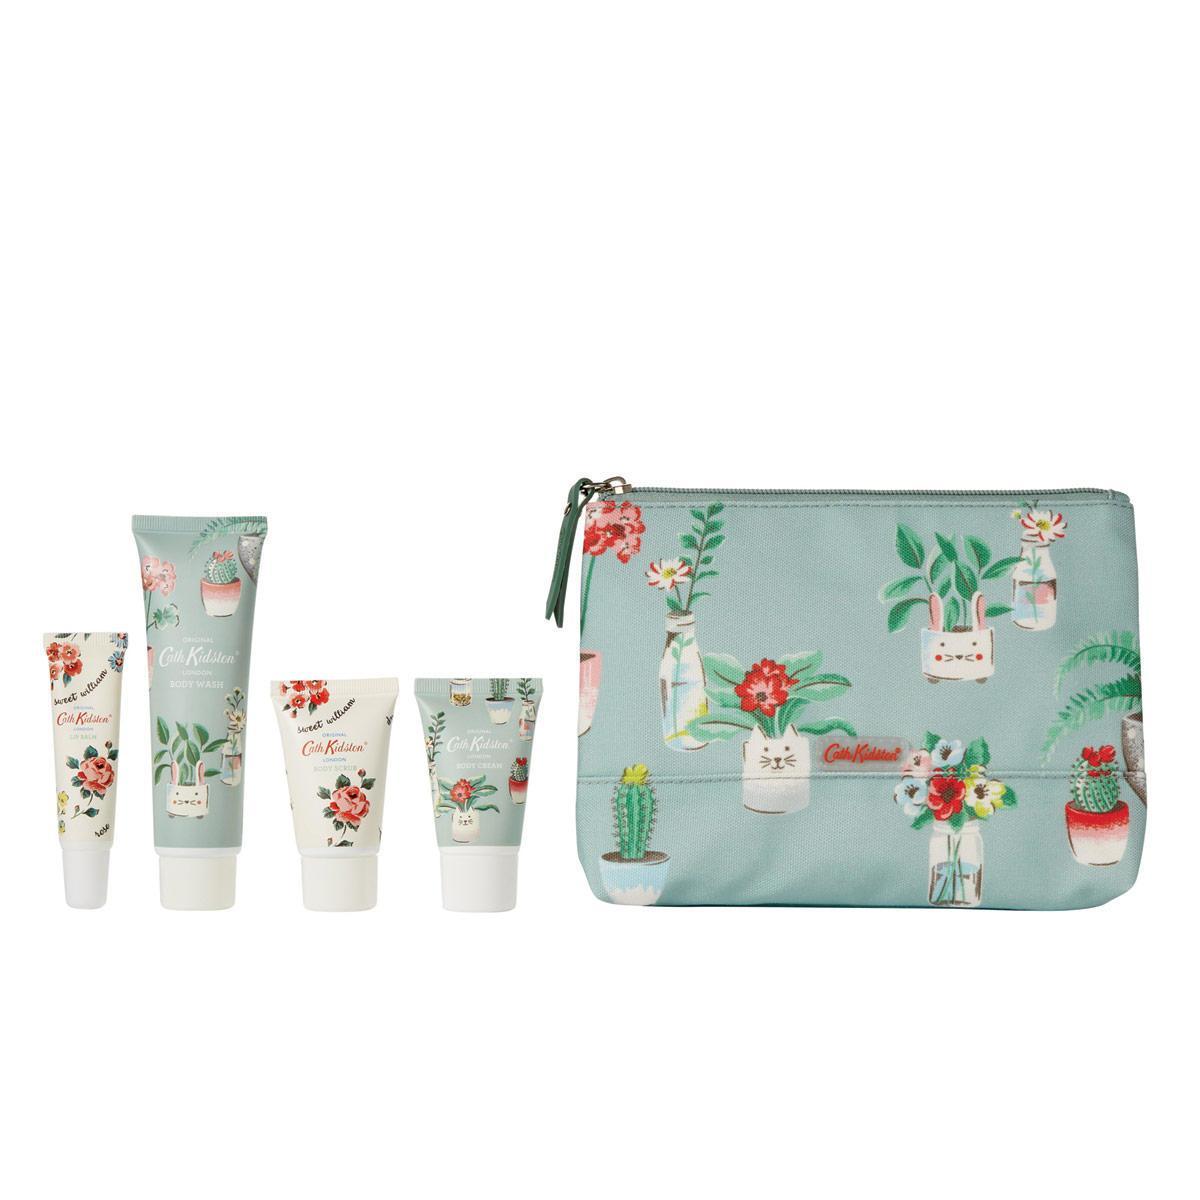 Cath Kidston Sada kosmetiky s péčí o tělo + taštička Plants Pots, zelená barva